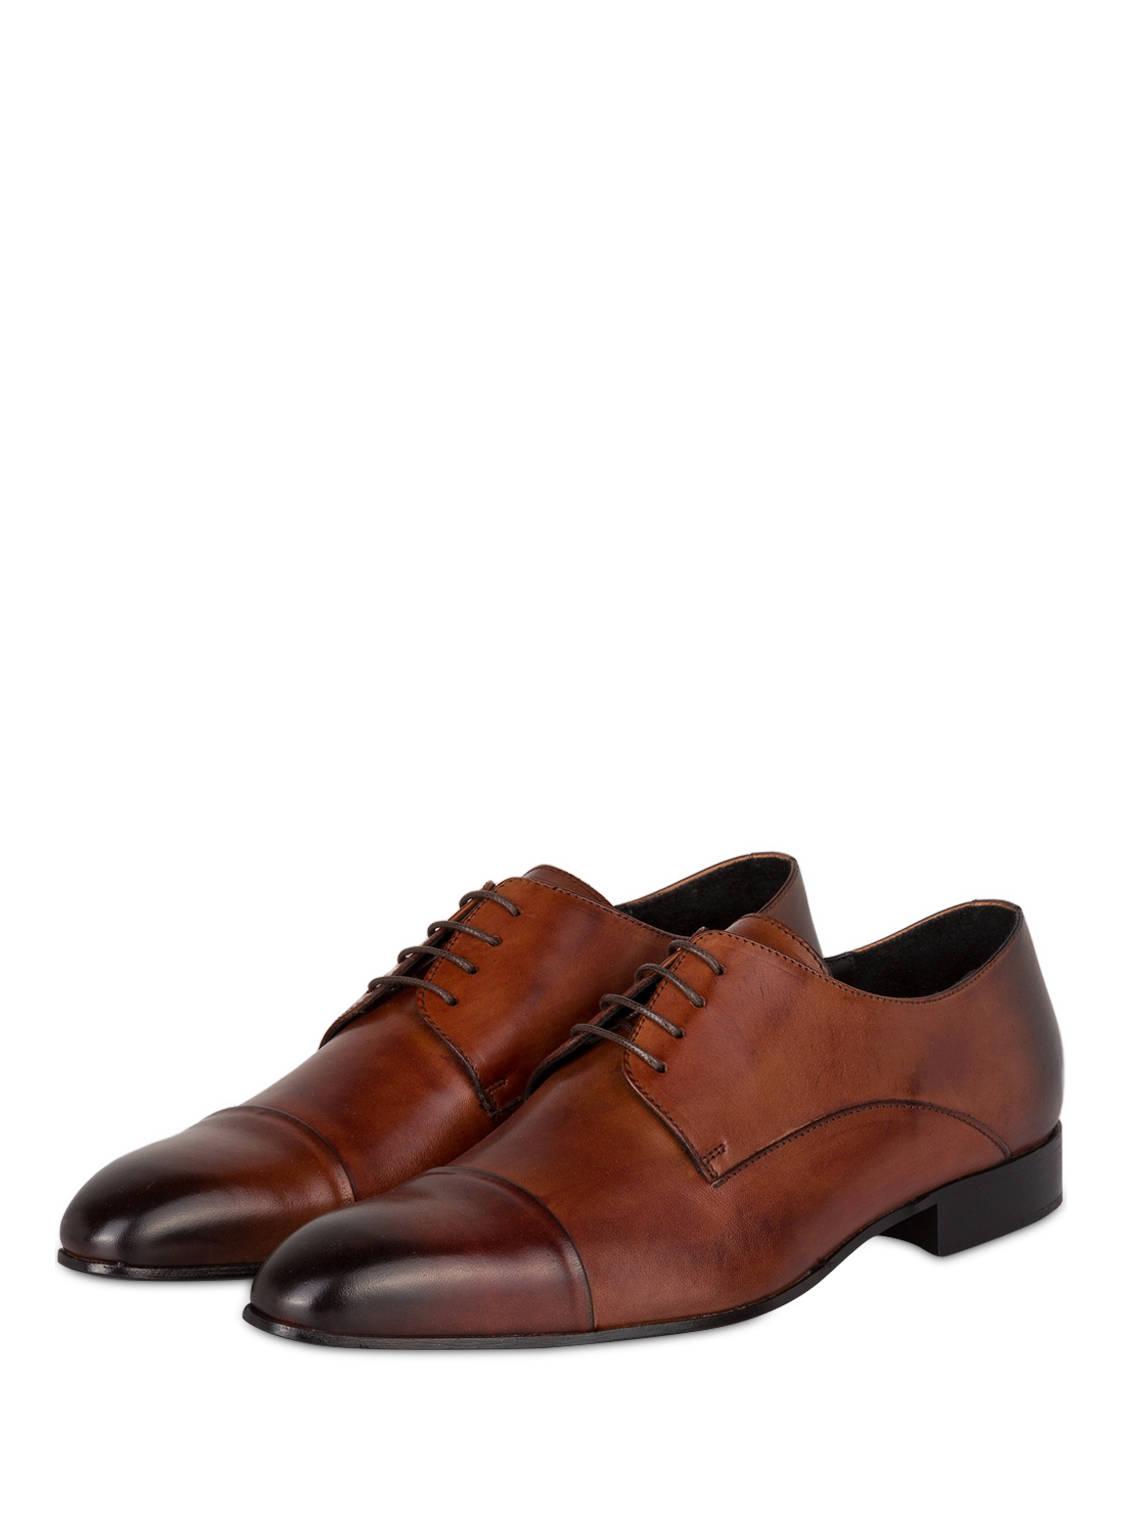 Artikel klicken und genauer betrachten! - Ergänzen Sie Ihre Business-Outfits mit den zeitlosen Herren-Schnürern von PAUL! Das glatte Leder und die abgesetzte Vorderkappe verleihen dem Modell eine klassische Optik. Ob ins Büro oder zu formellen Anlässen – mit diesen Schuhen sind Sie stets passend gekleidet! Details: Abgesetzte Vorderkappe. | im Online Shop kaufen